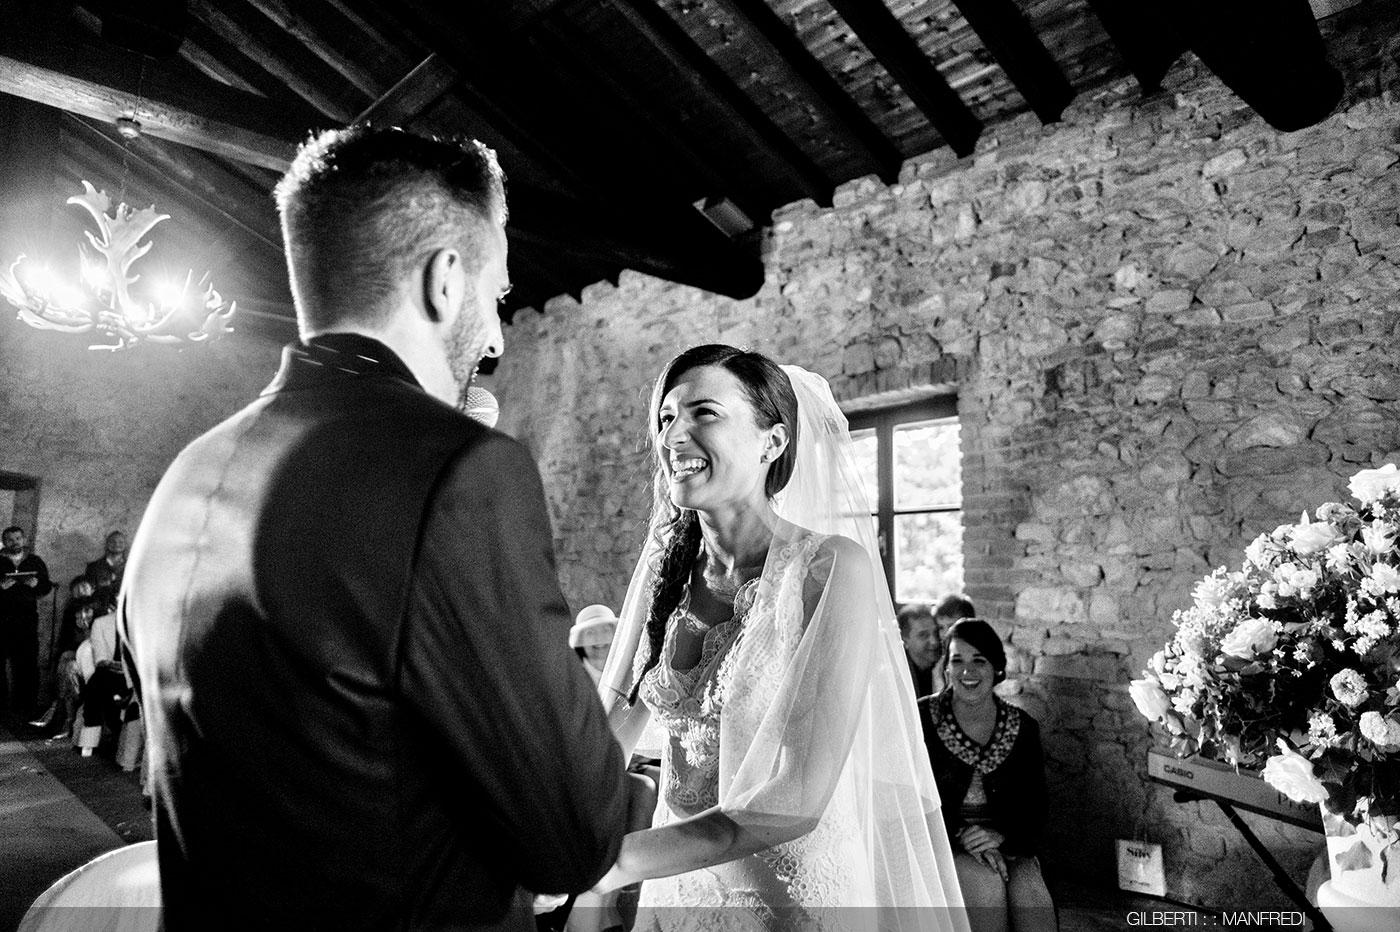 Matrimonio Country Chic Emilia Romagna : Matrimonio emilia romagna salsomaggiore fotografo